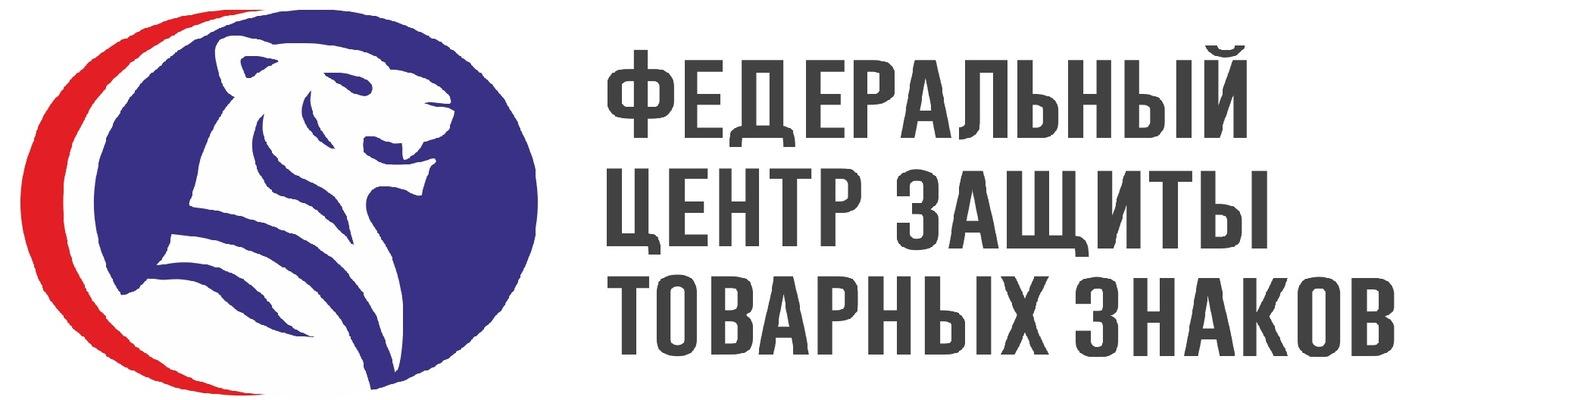 центр защиты товарных знаков отзывы